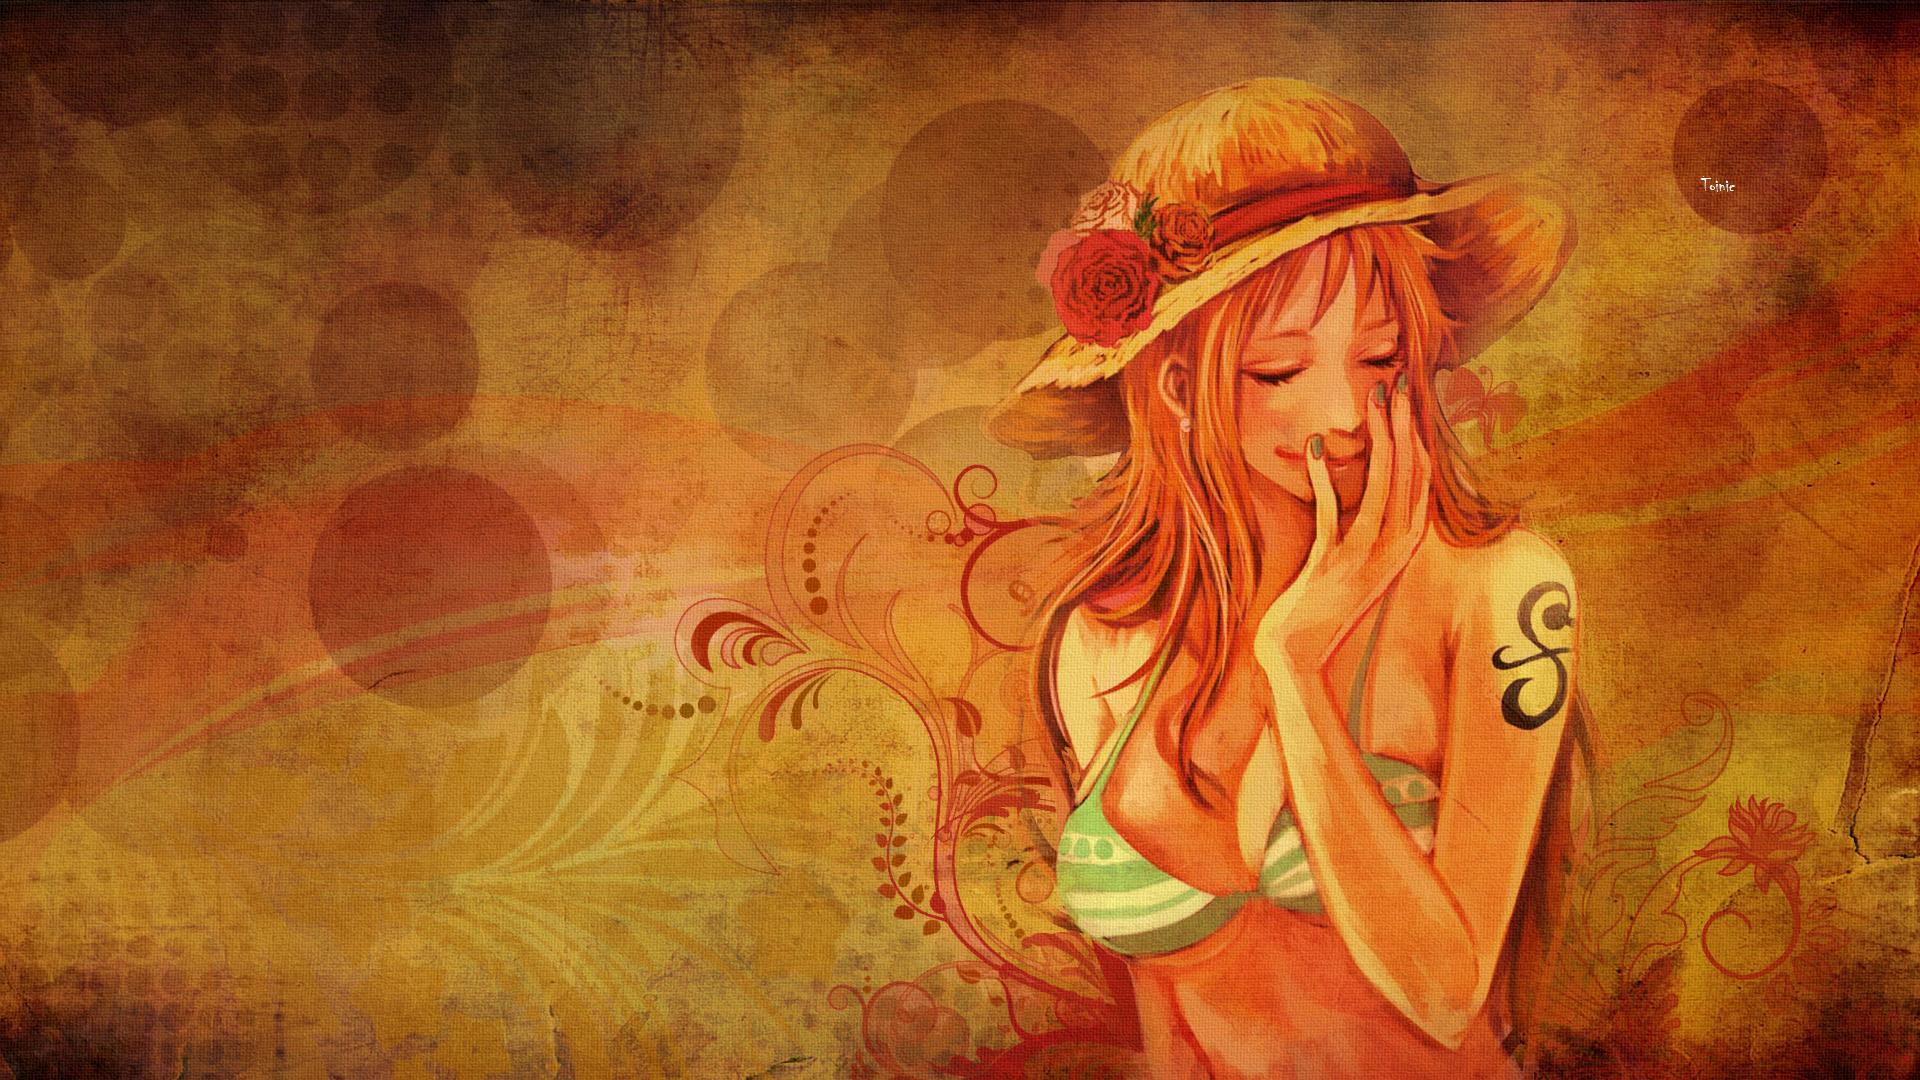 50 One Piece Nami Wallpaper On Wallpapersafari